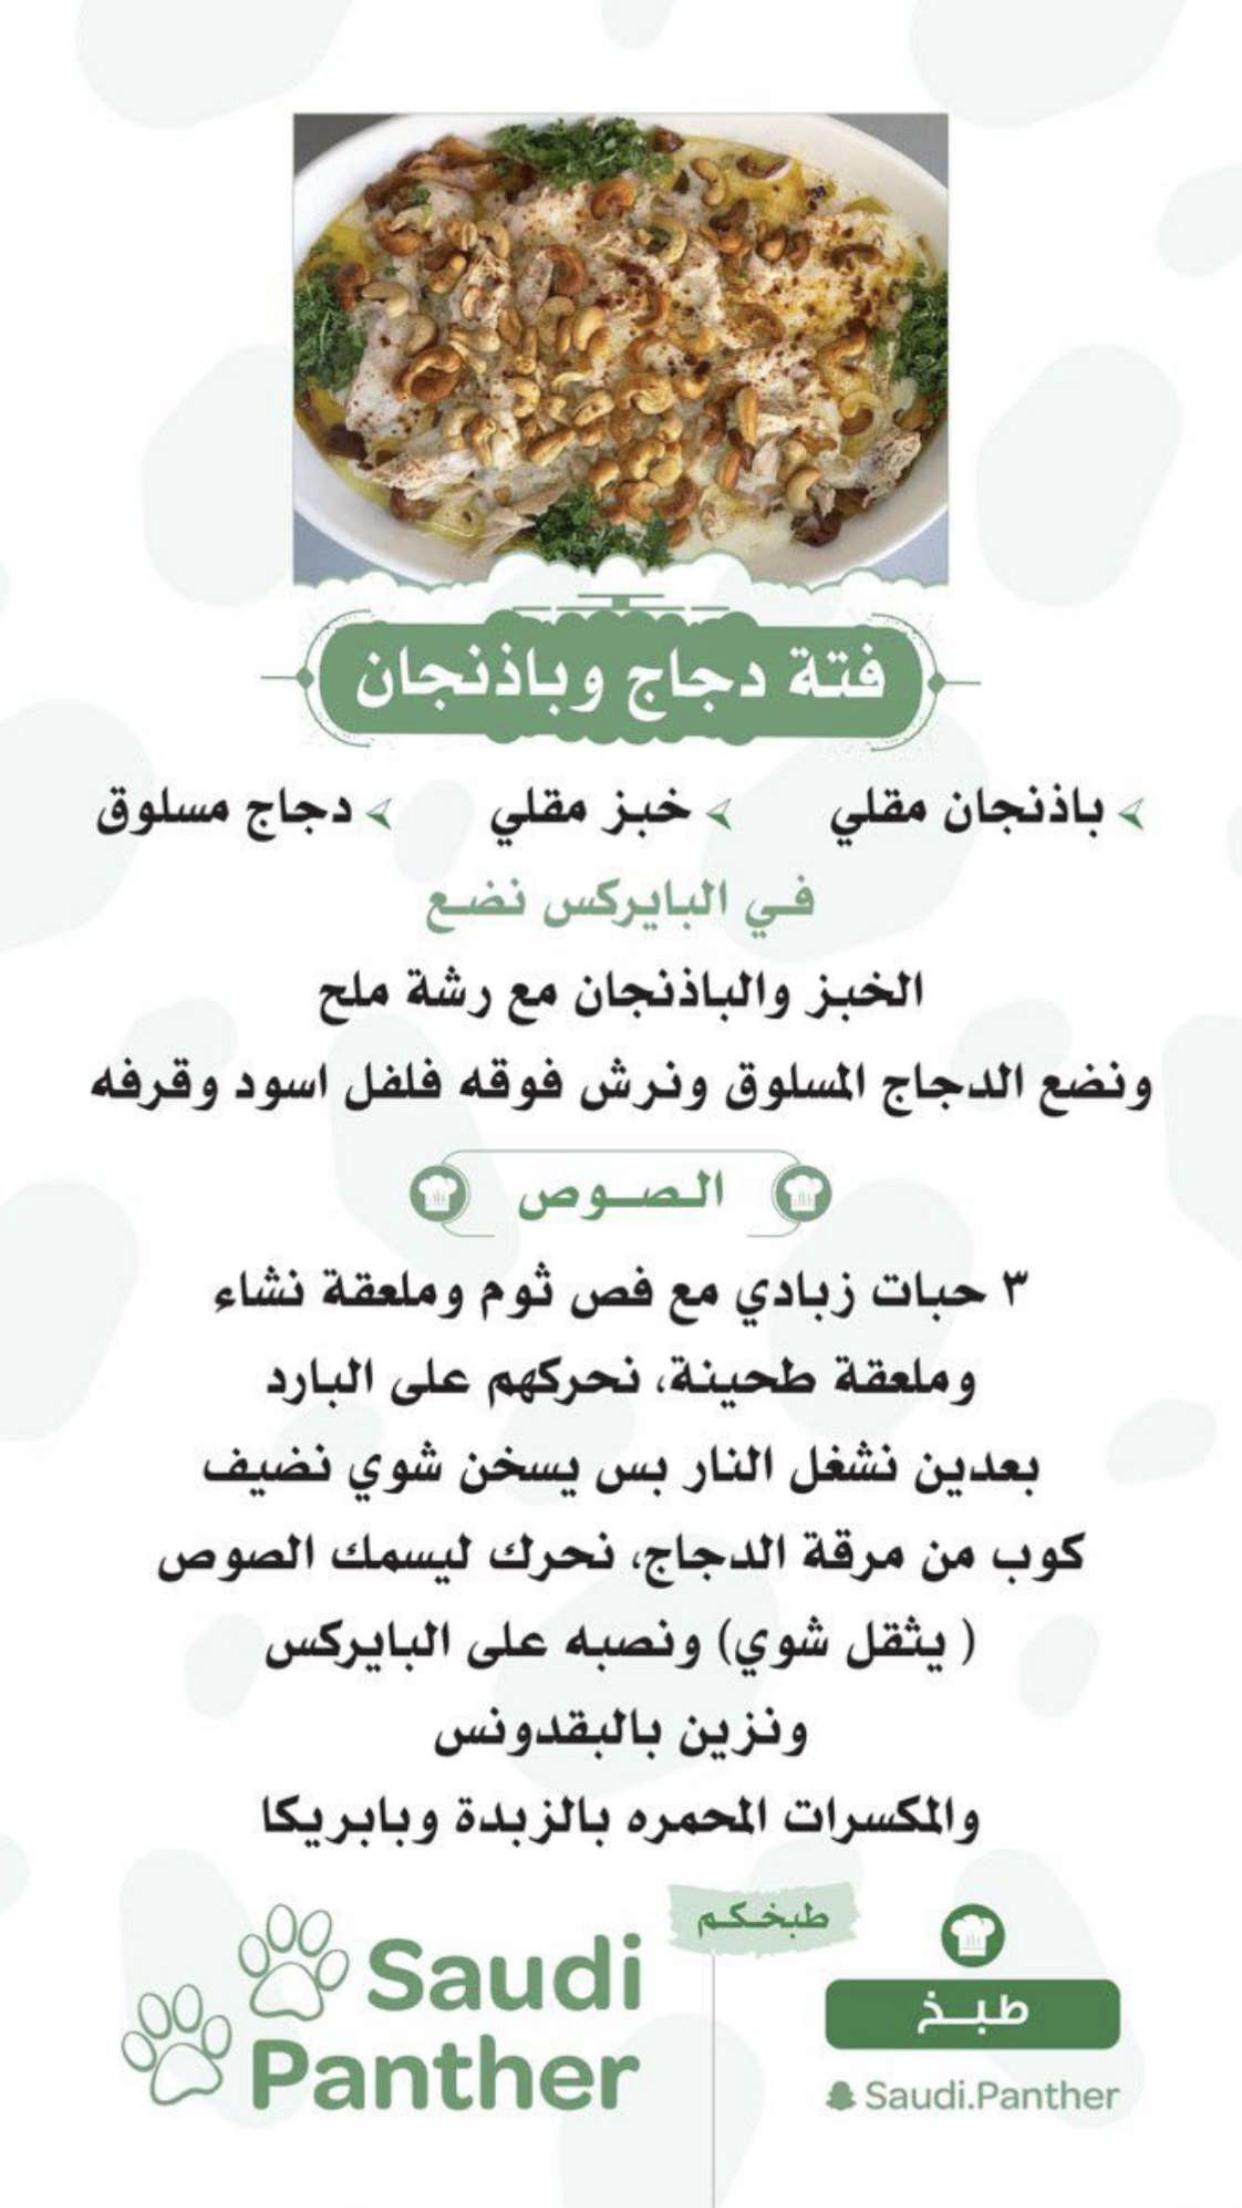 فتة دجاج وباذنجان Food Receipes Cooking Food